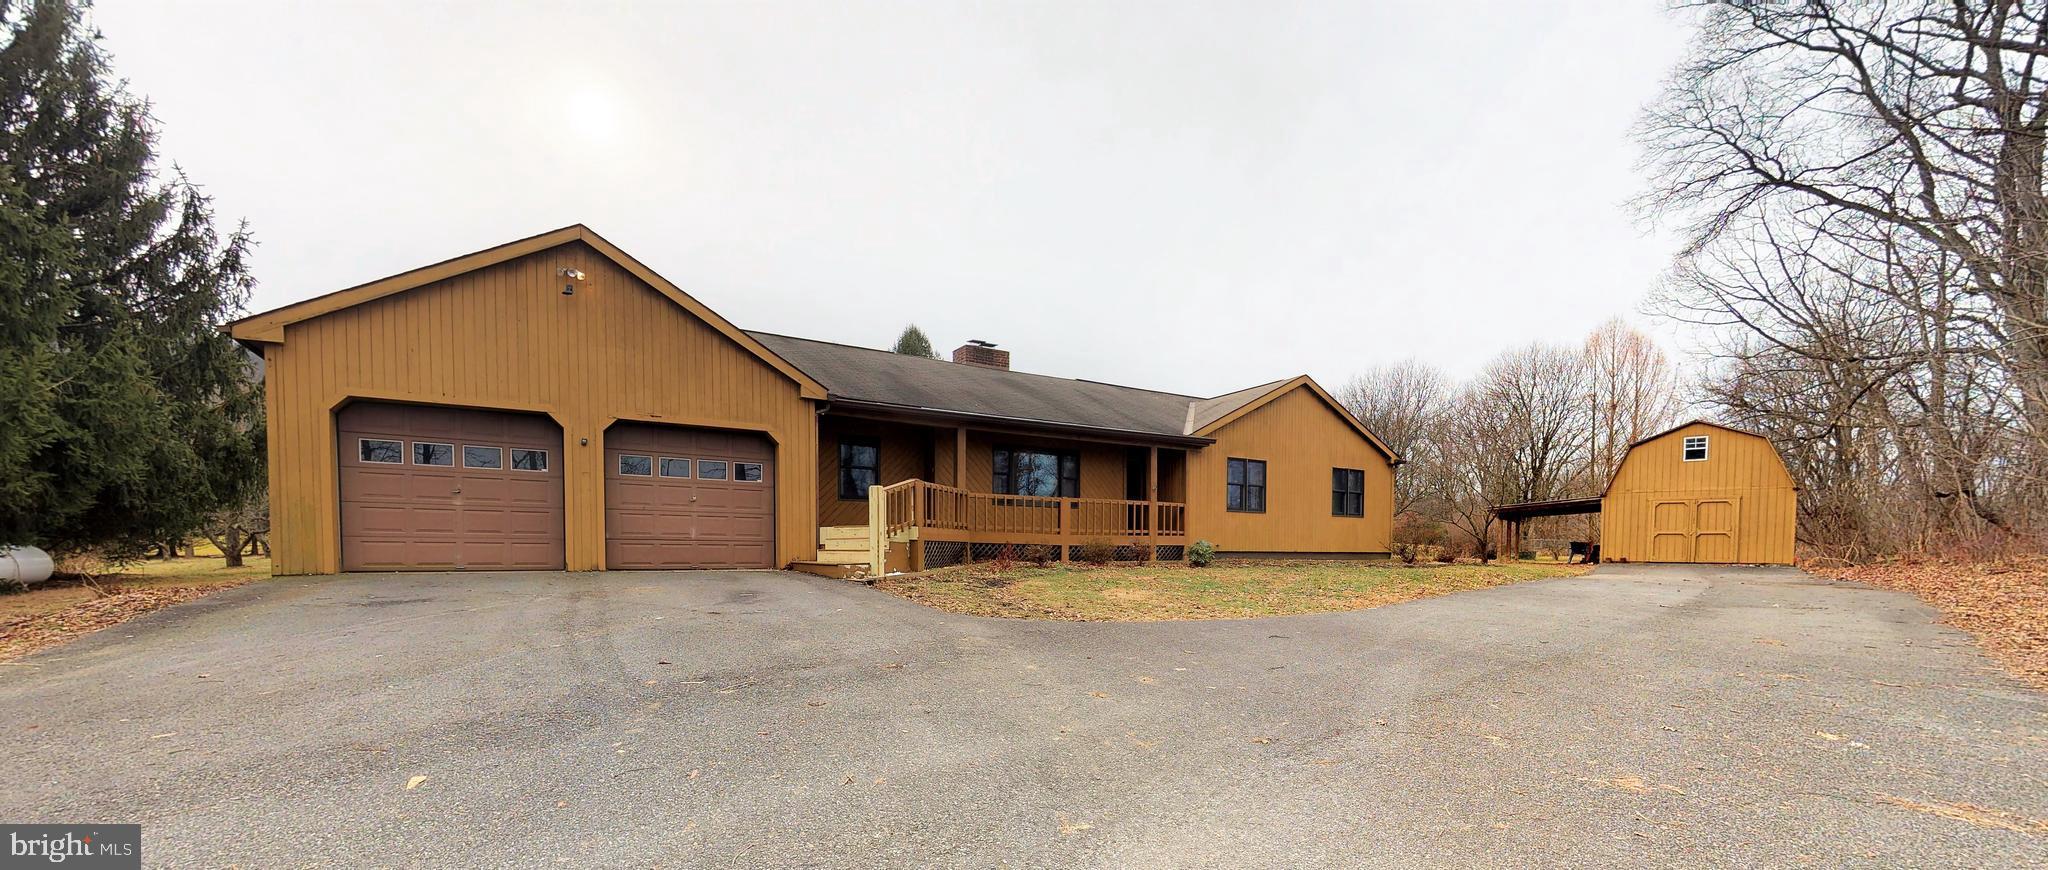 3916 GEHMAN ROAD, MACUNGIE, PA 18062